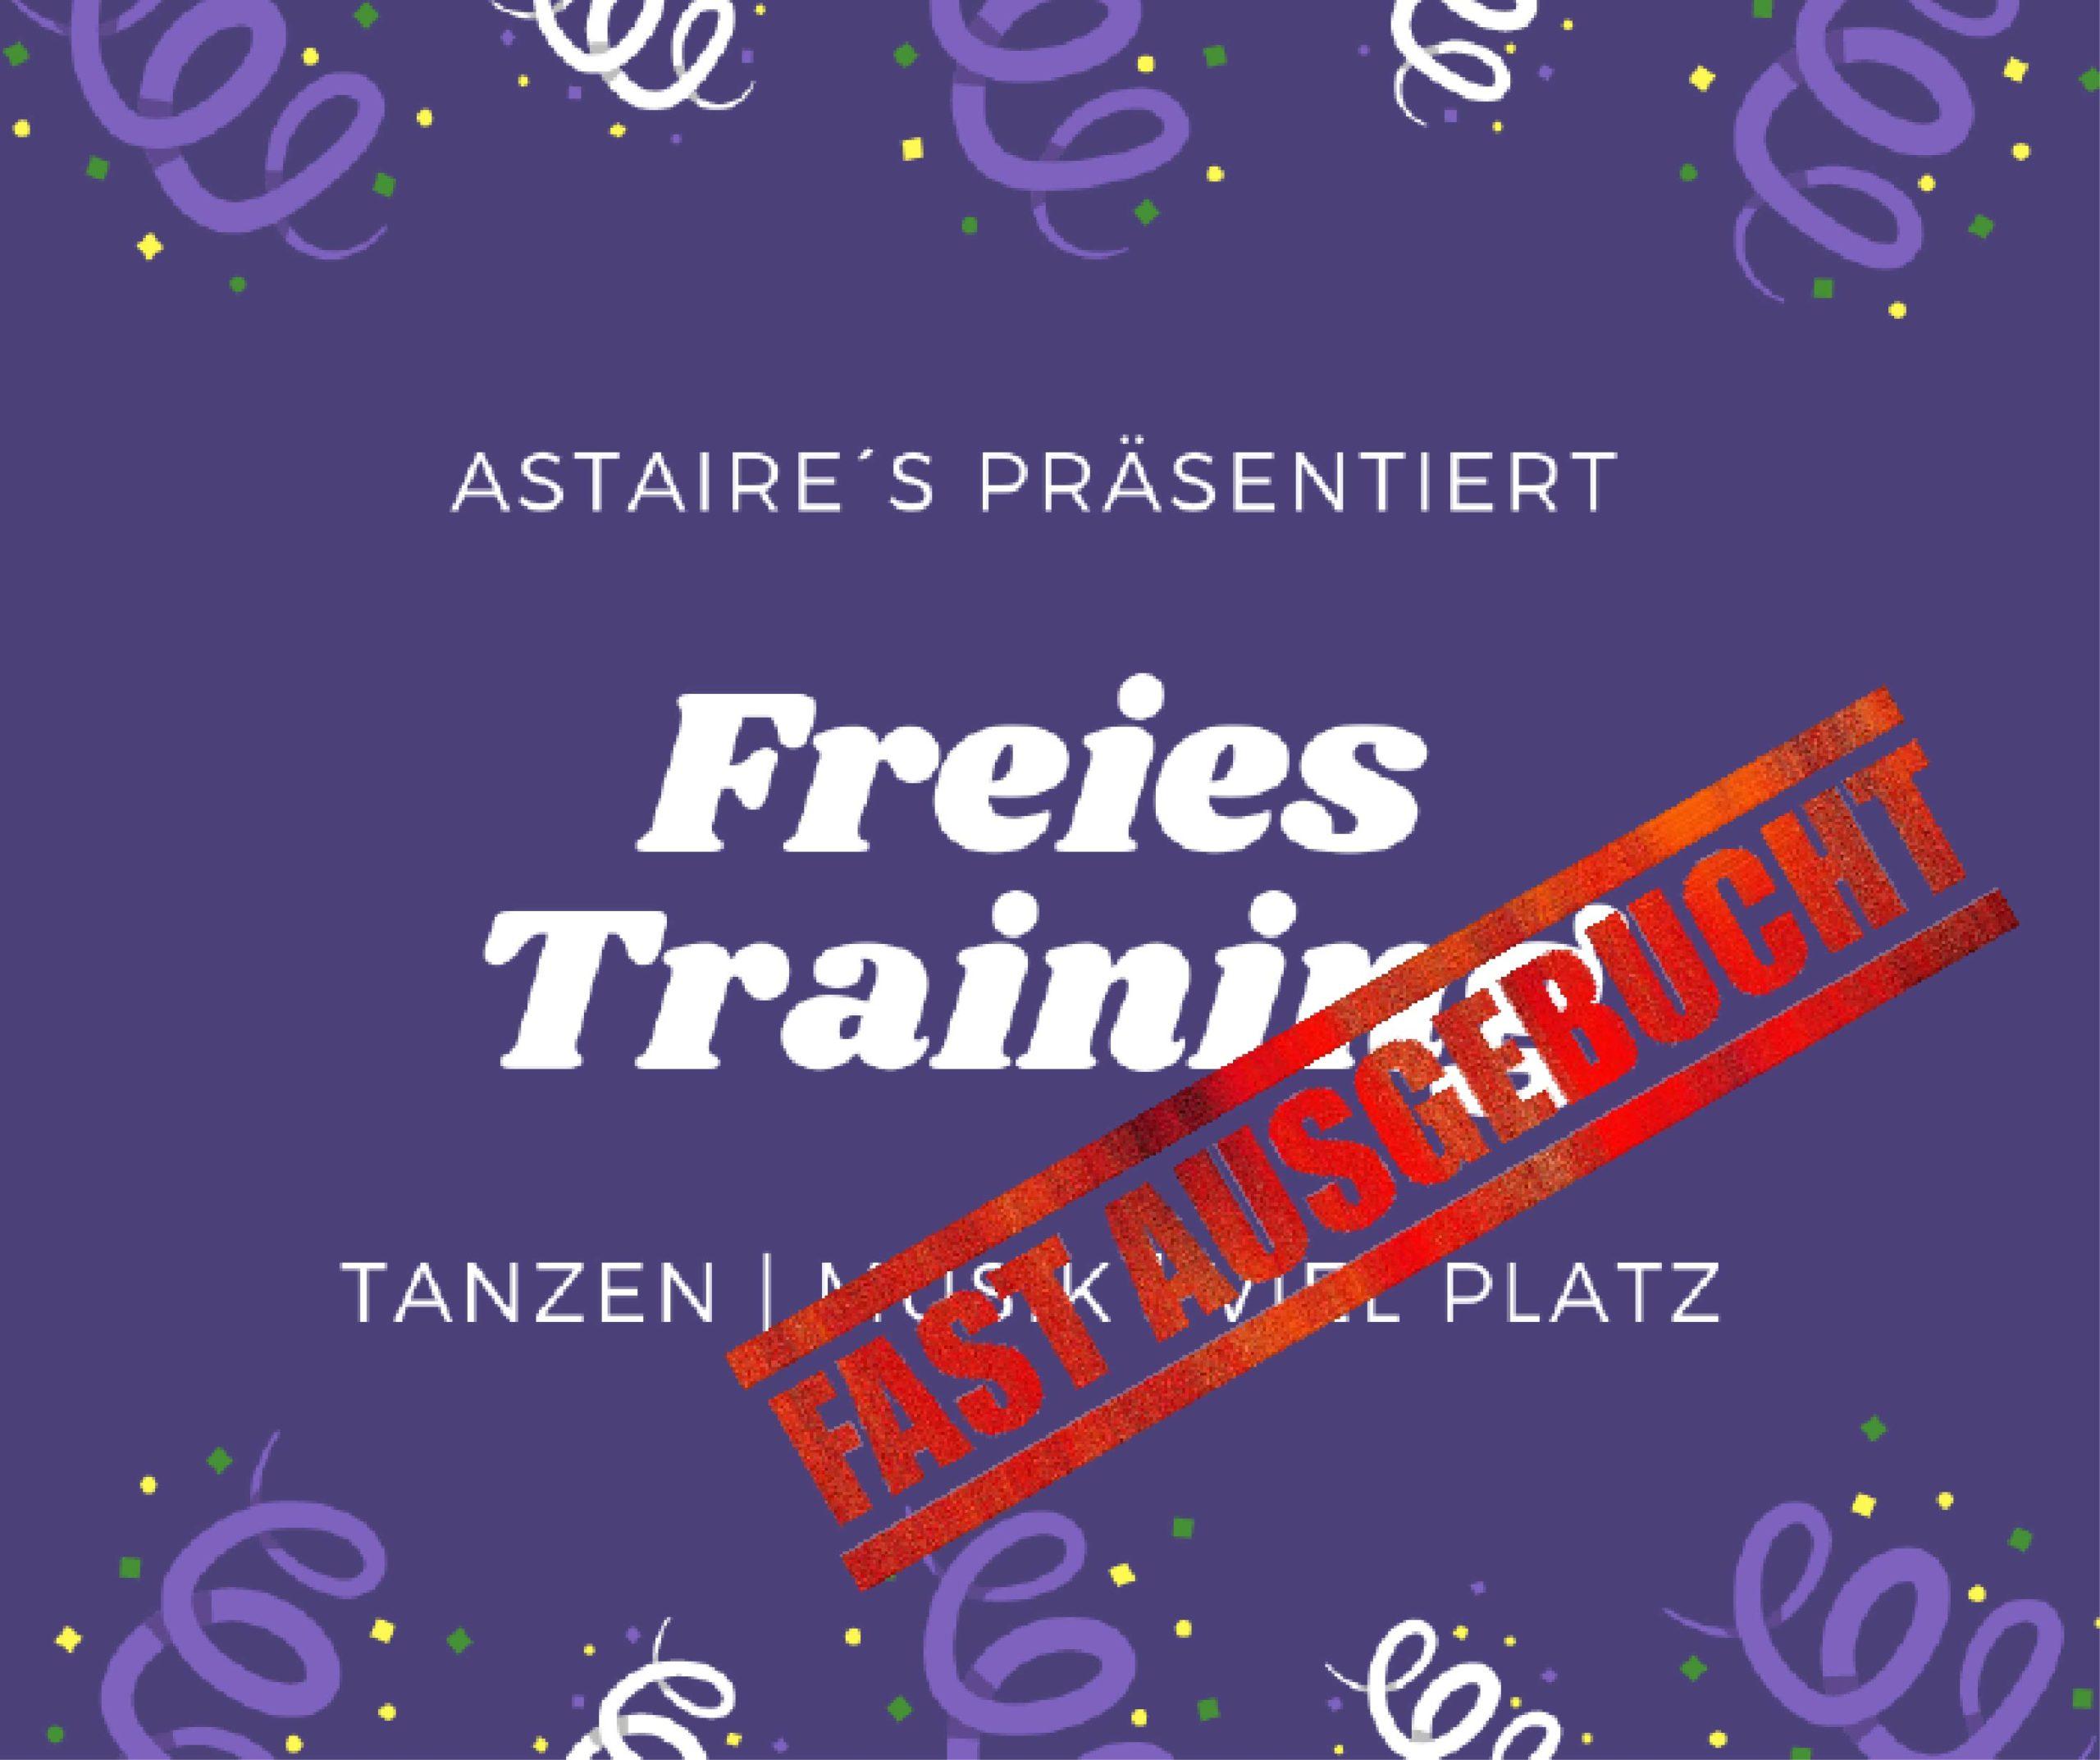 Freies Training Sa, 27.02.2021